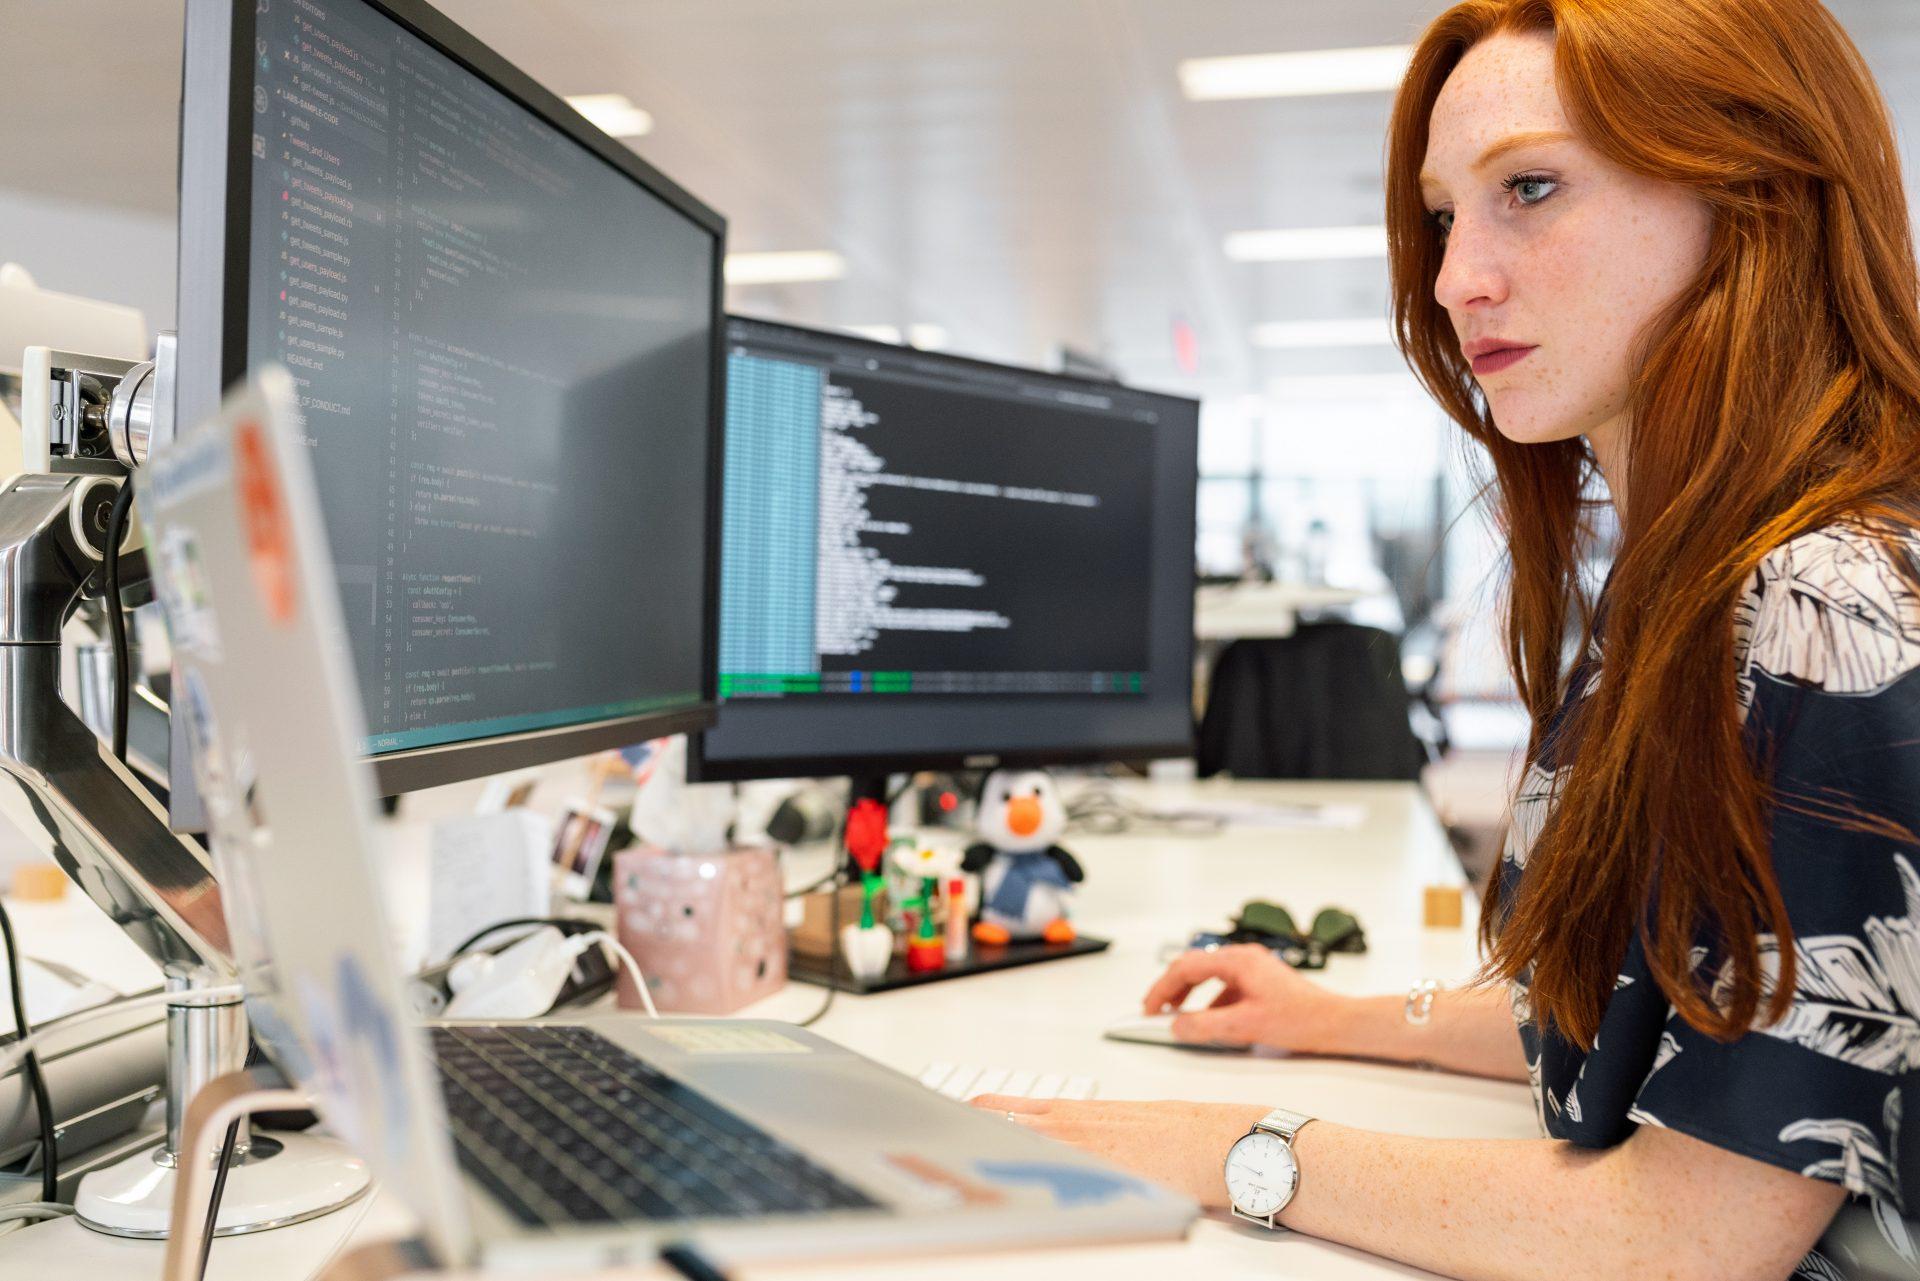 Woman looking at a computer